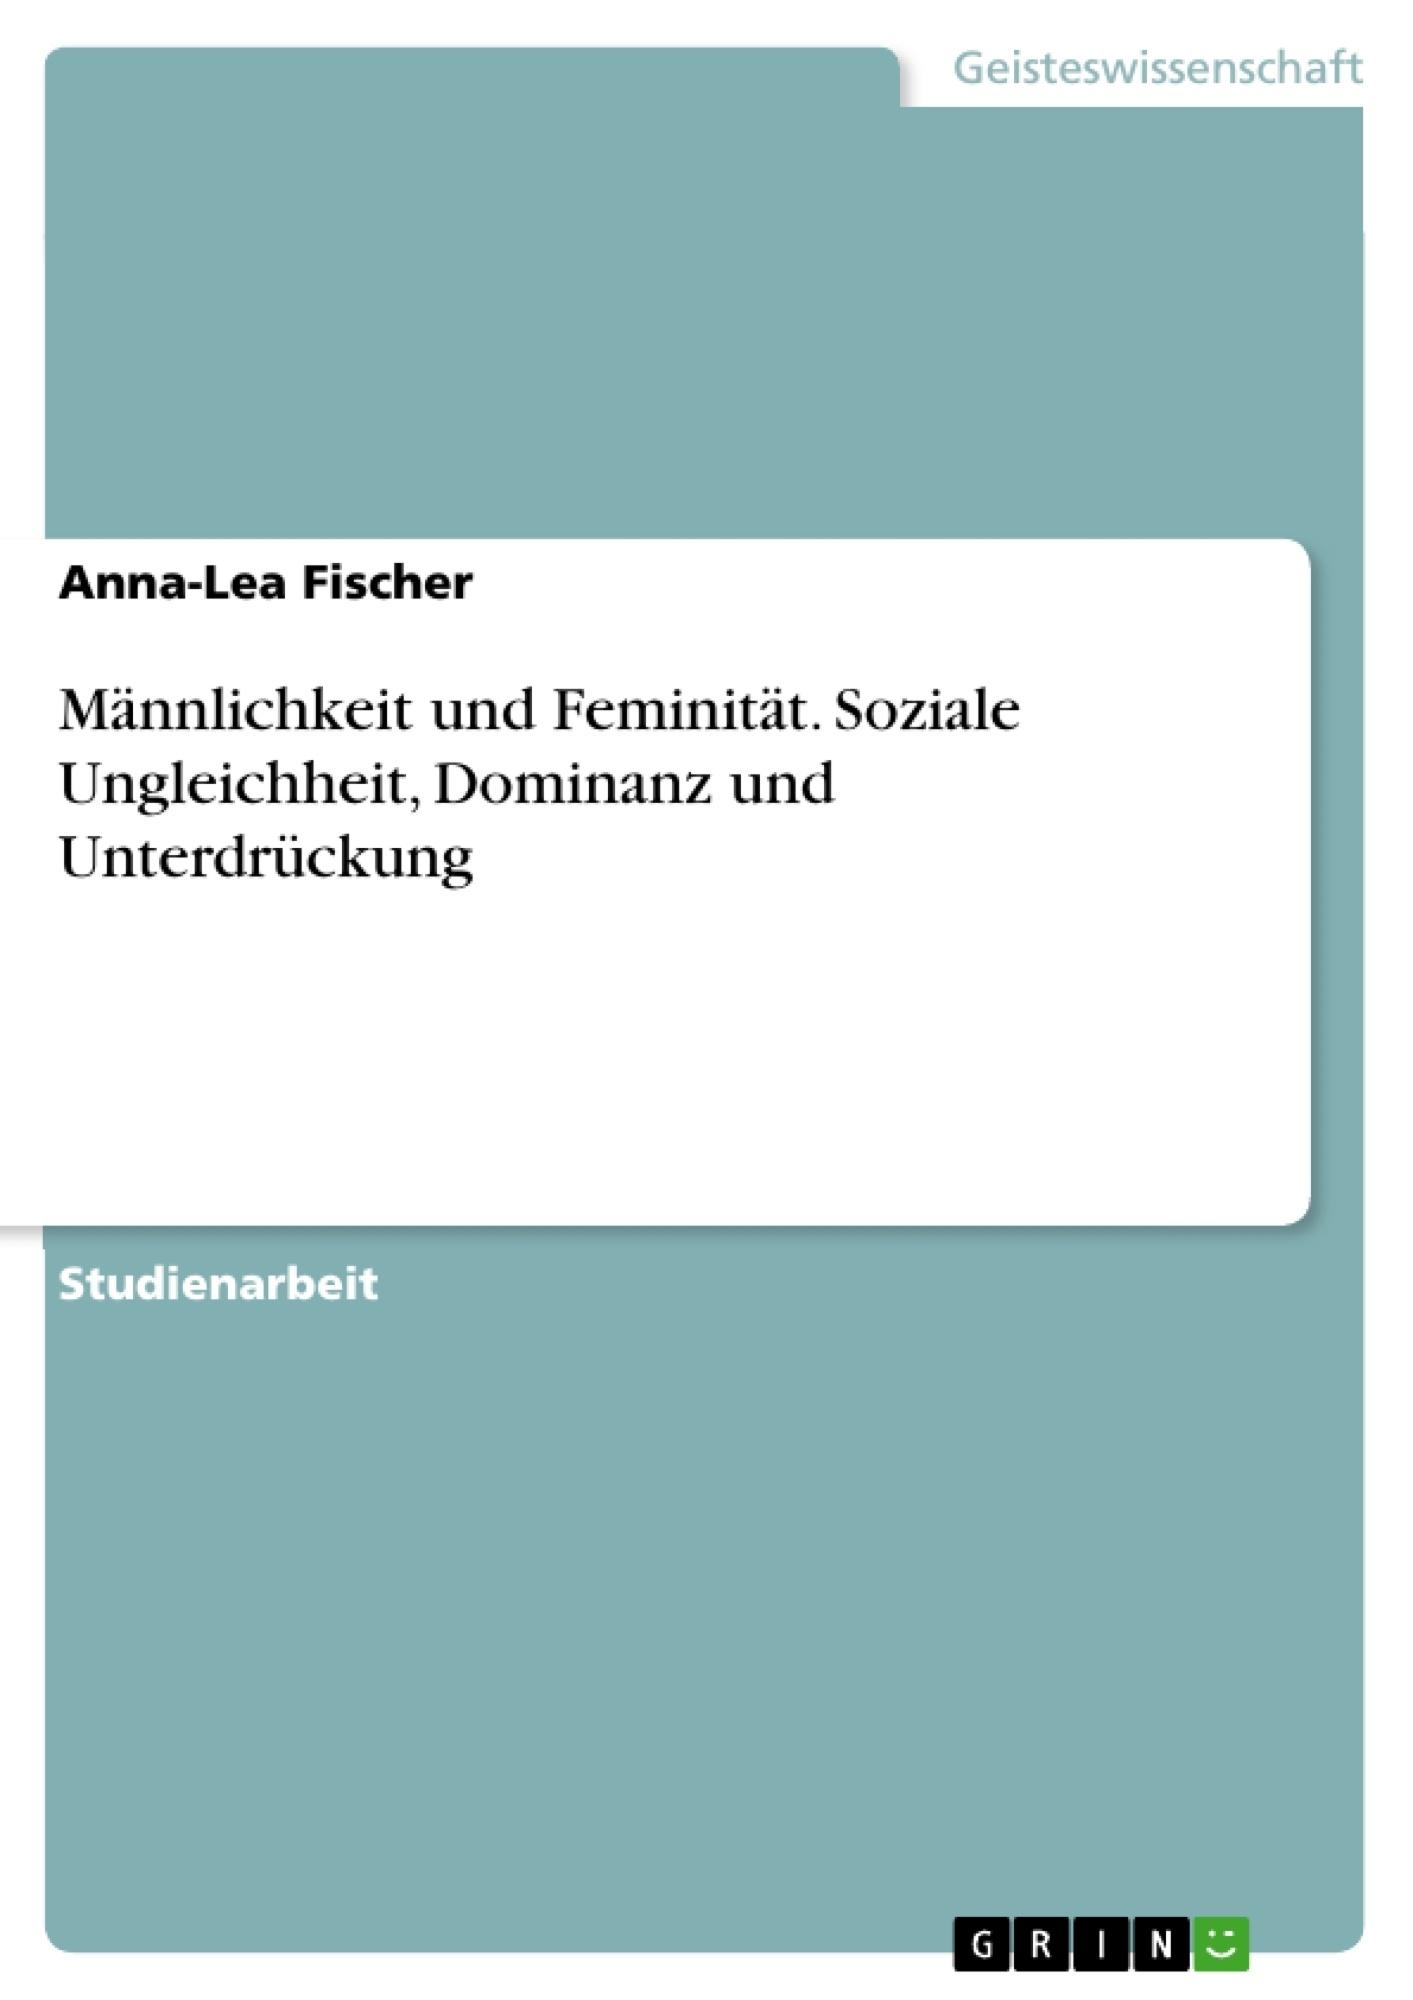 Titel: Männlichkeit und Feminität. Soziale Ungleichheit, Dominanz und Unterdrückung